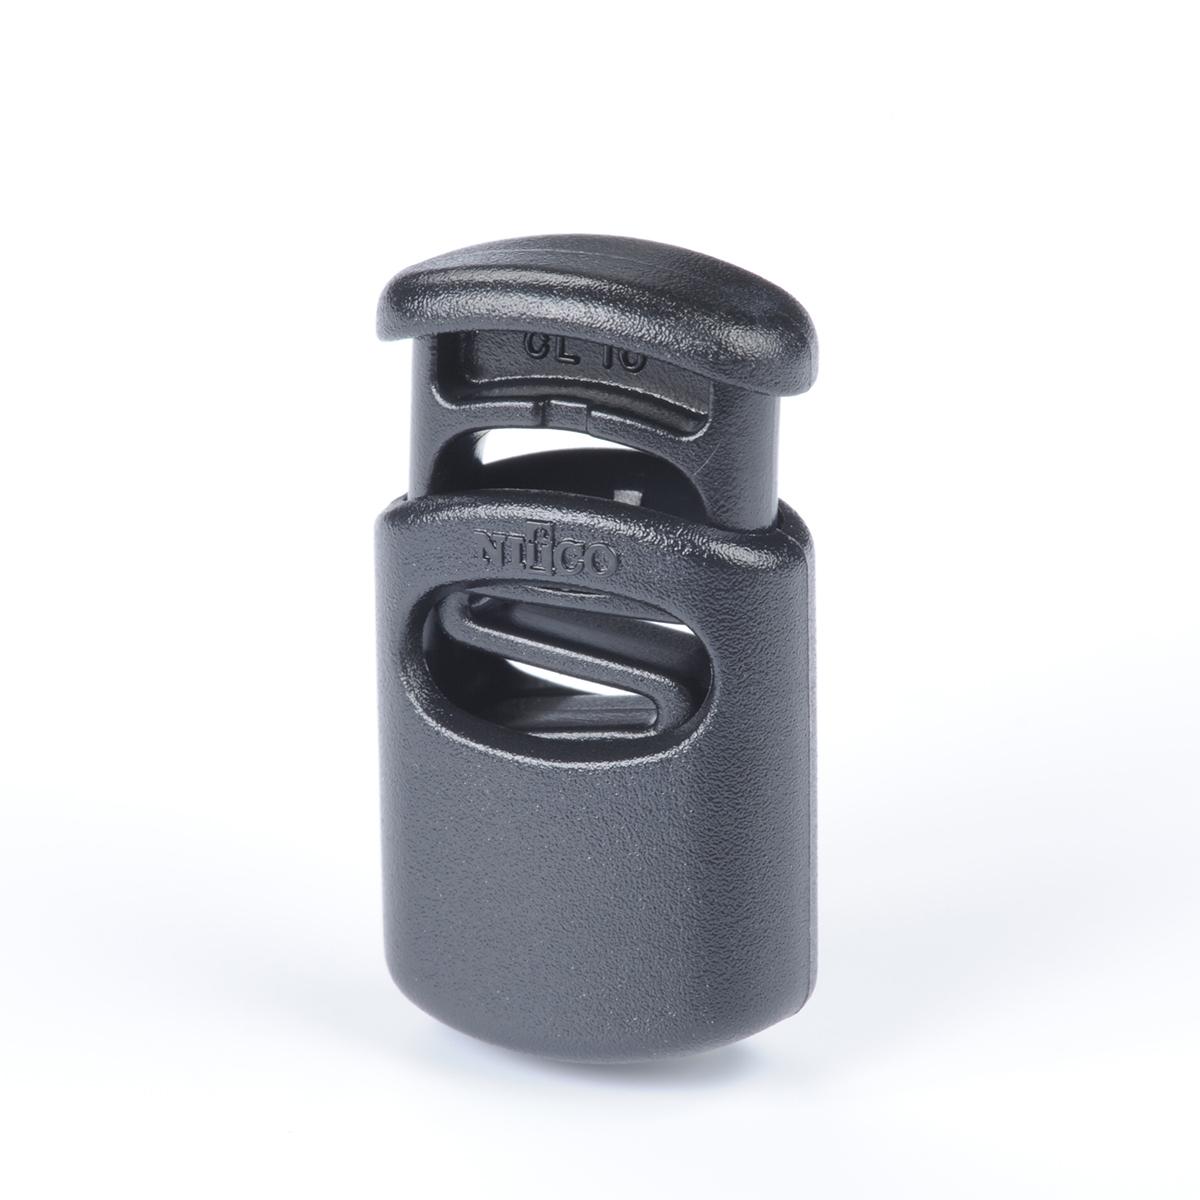 Nifco ニフコ φ3mmゴム紐向 コードロック CL10 2個入り